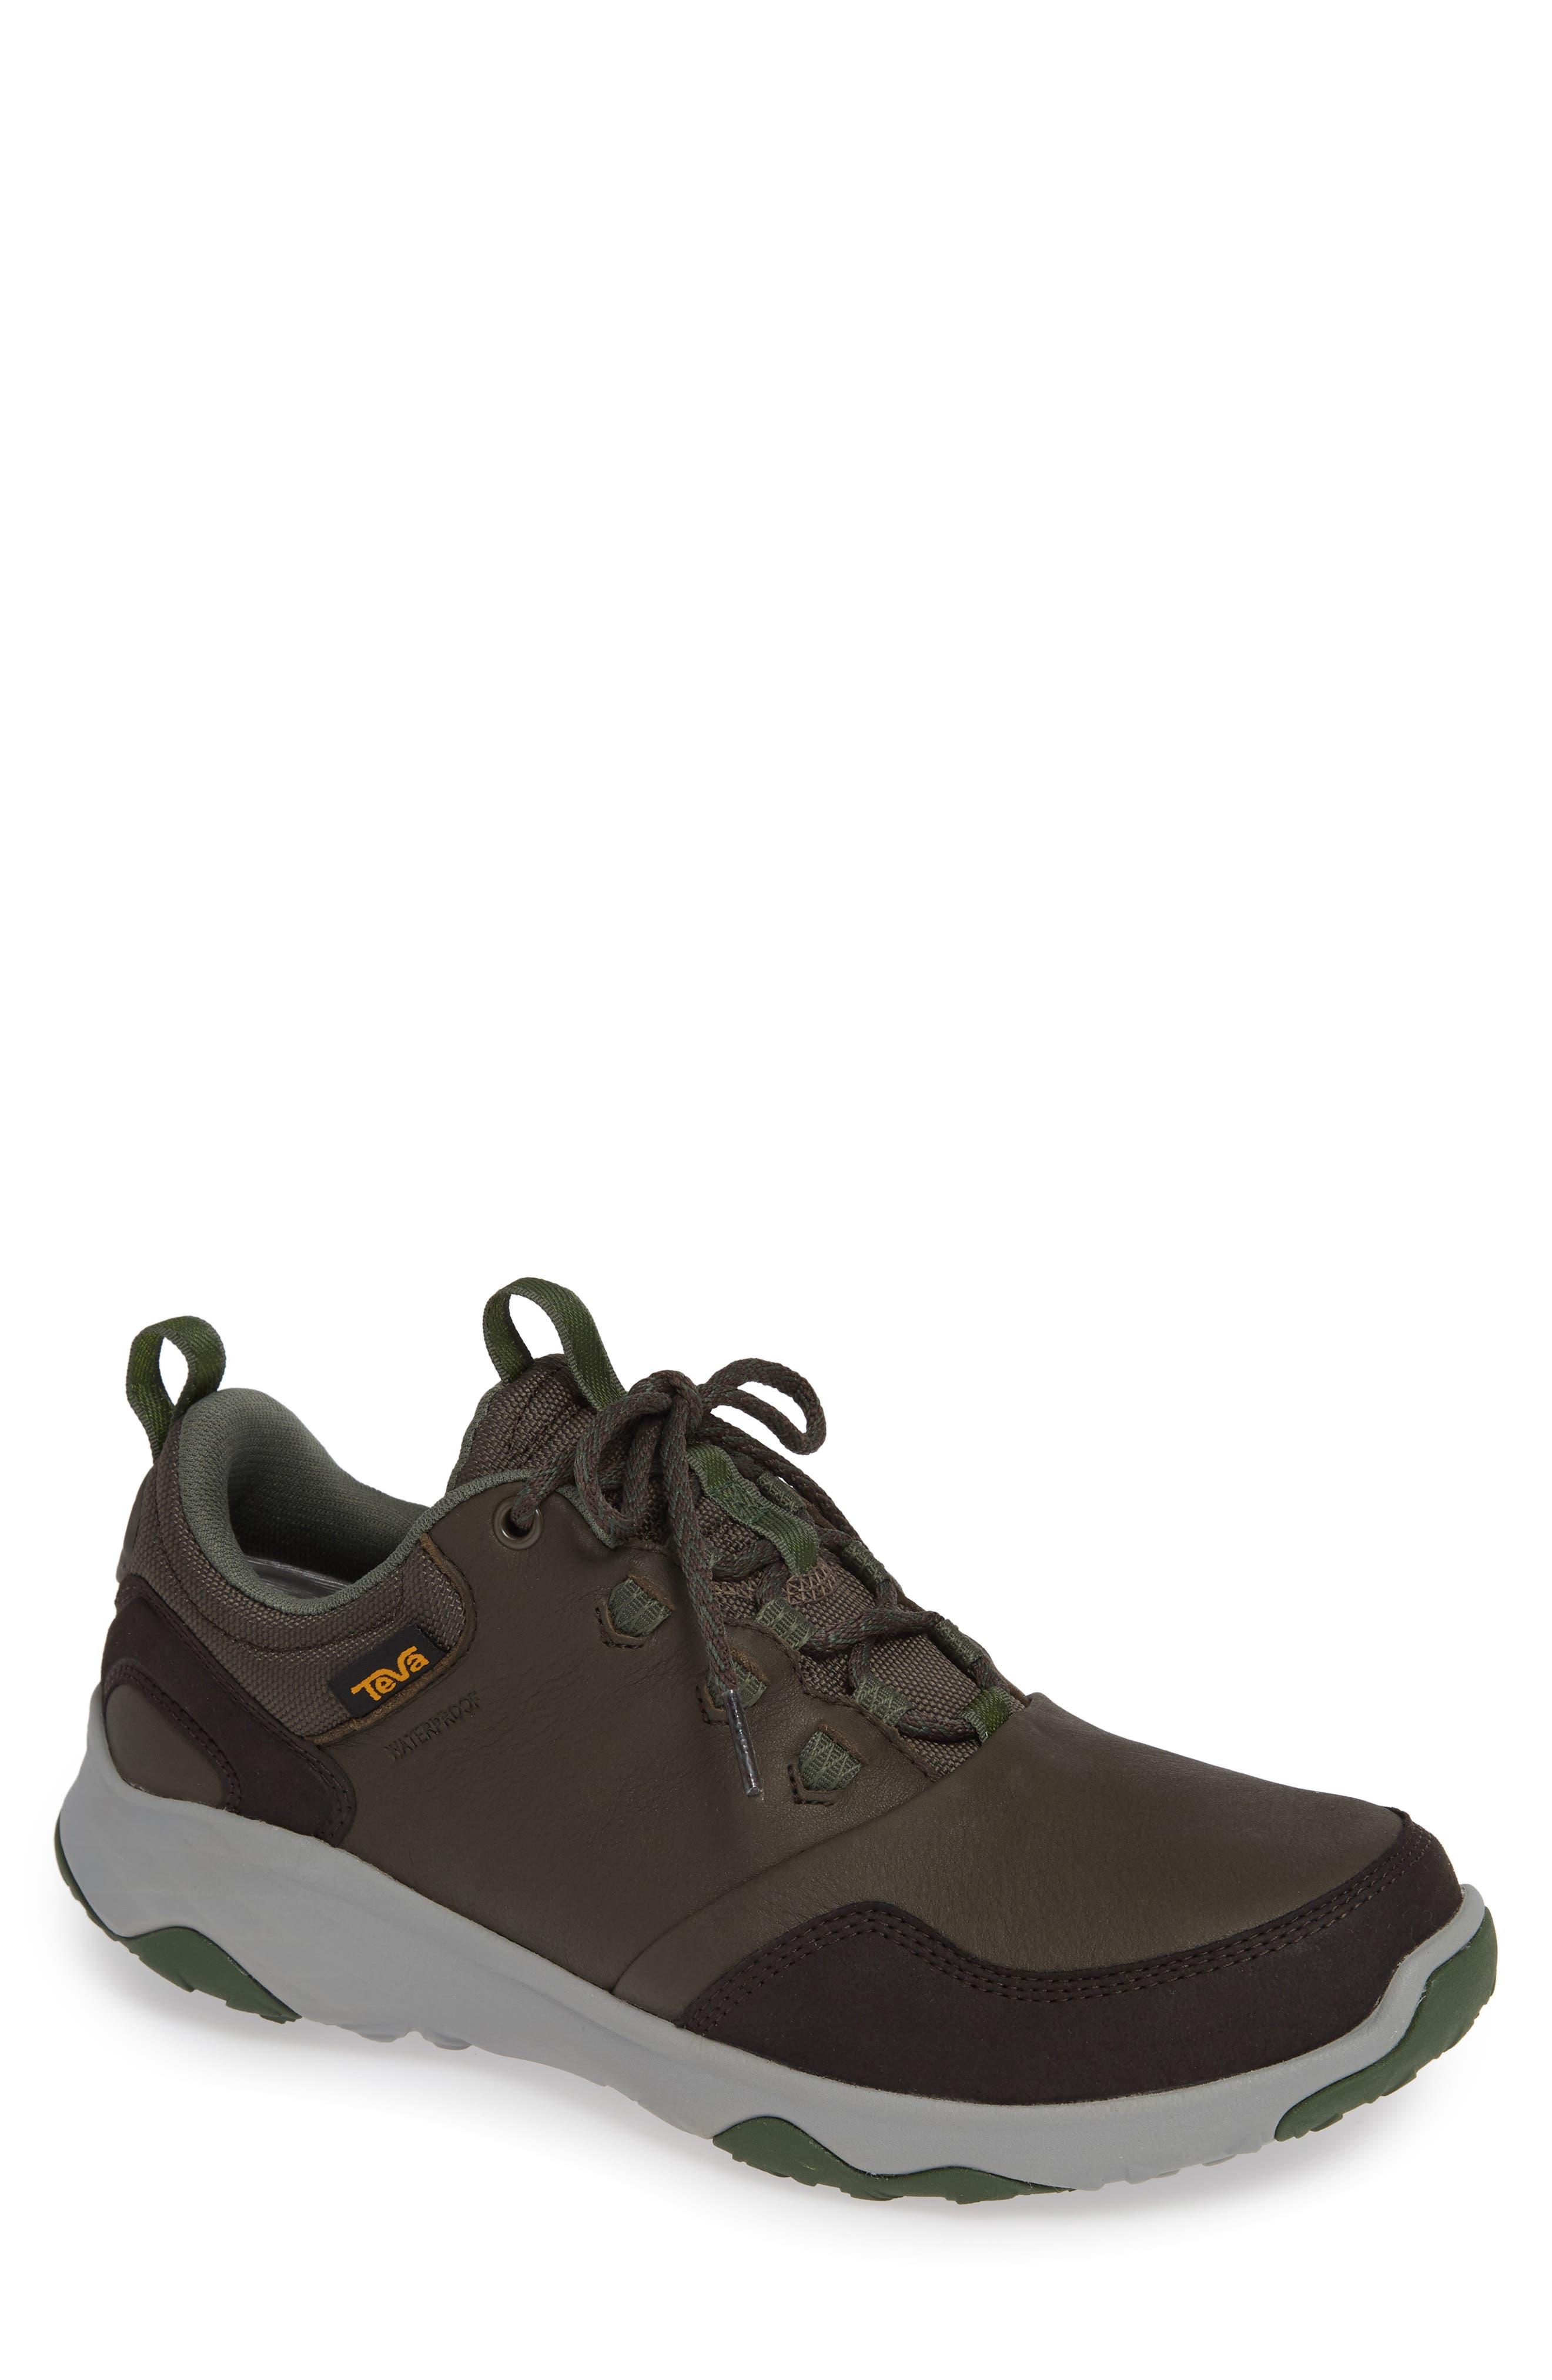 TEVA Arrowood Waterproof Sneaker in Black Olive Leather